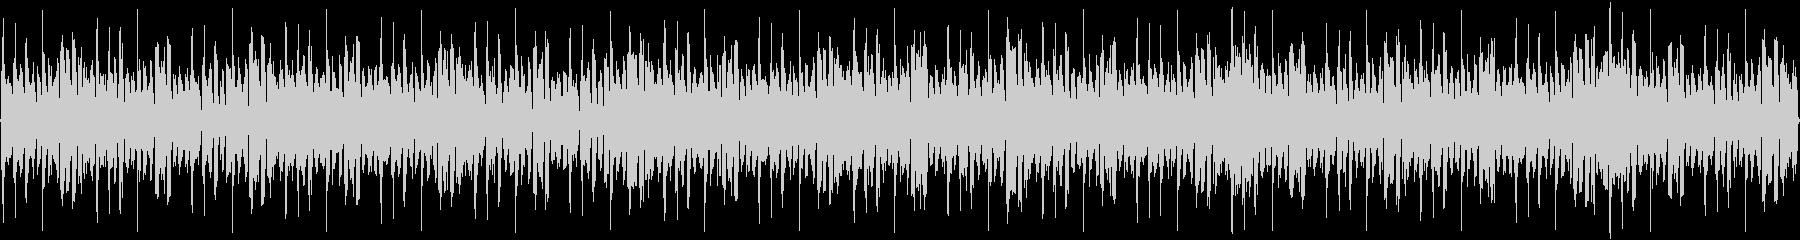 クラブBGM、DJライブBGMの未再生の波形